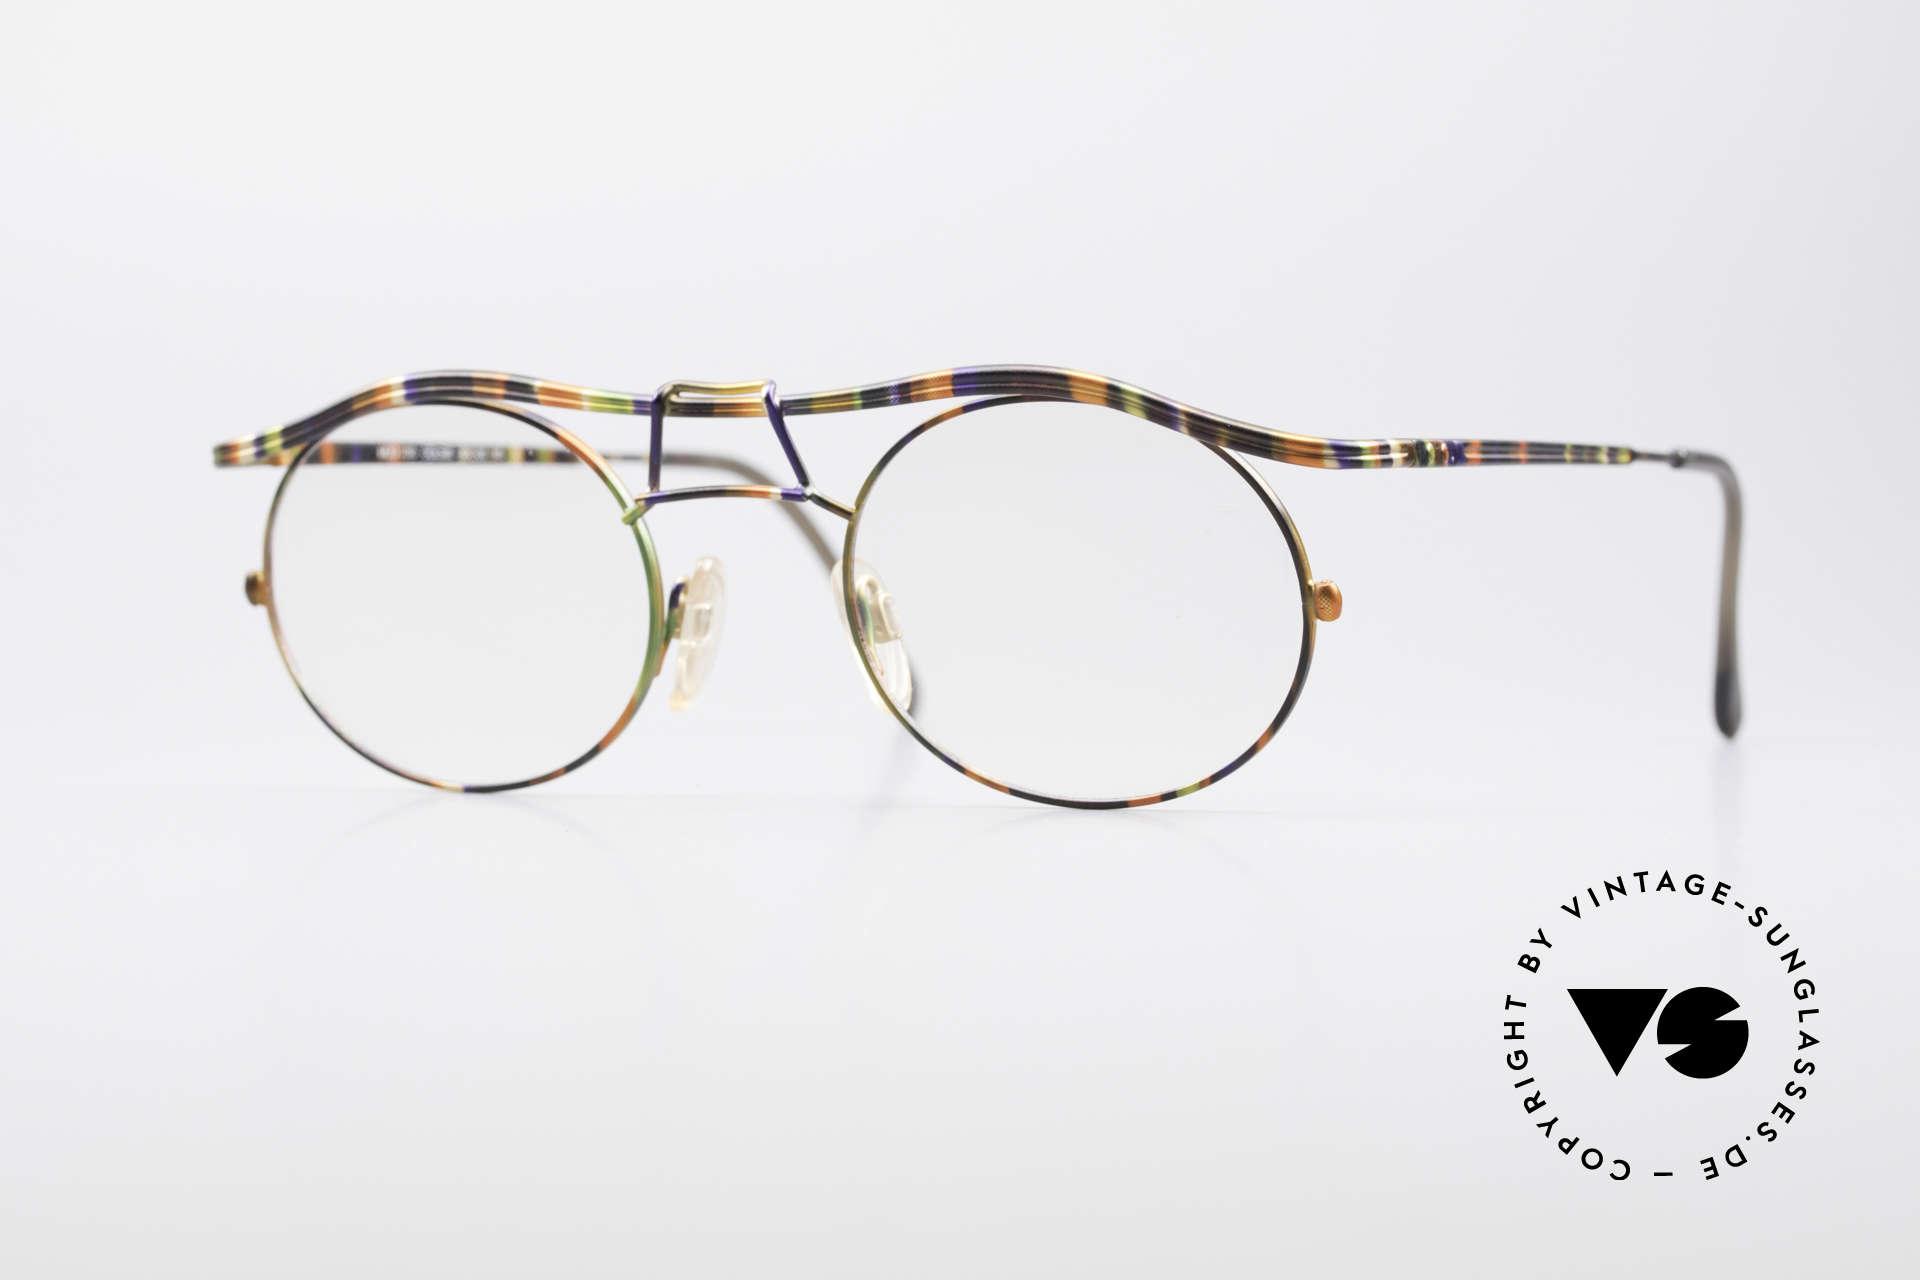 Cazal 1110 - Point 2 90er Industrial Designer Brille, 1110 = eines der Top-Modelle der Cazal 'Point 2' Serie, Passend für Herren